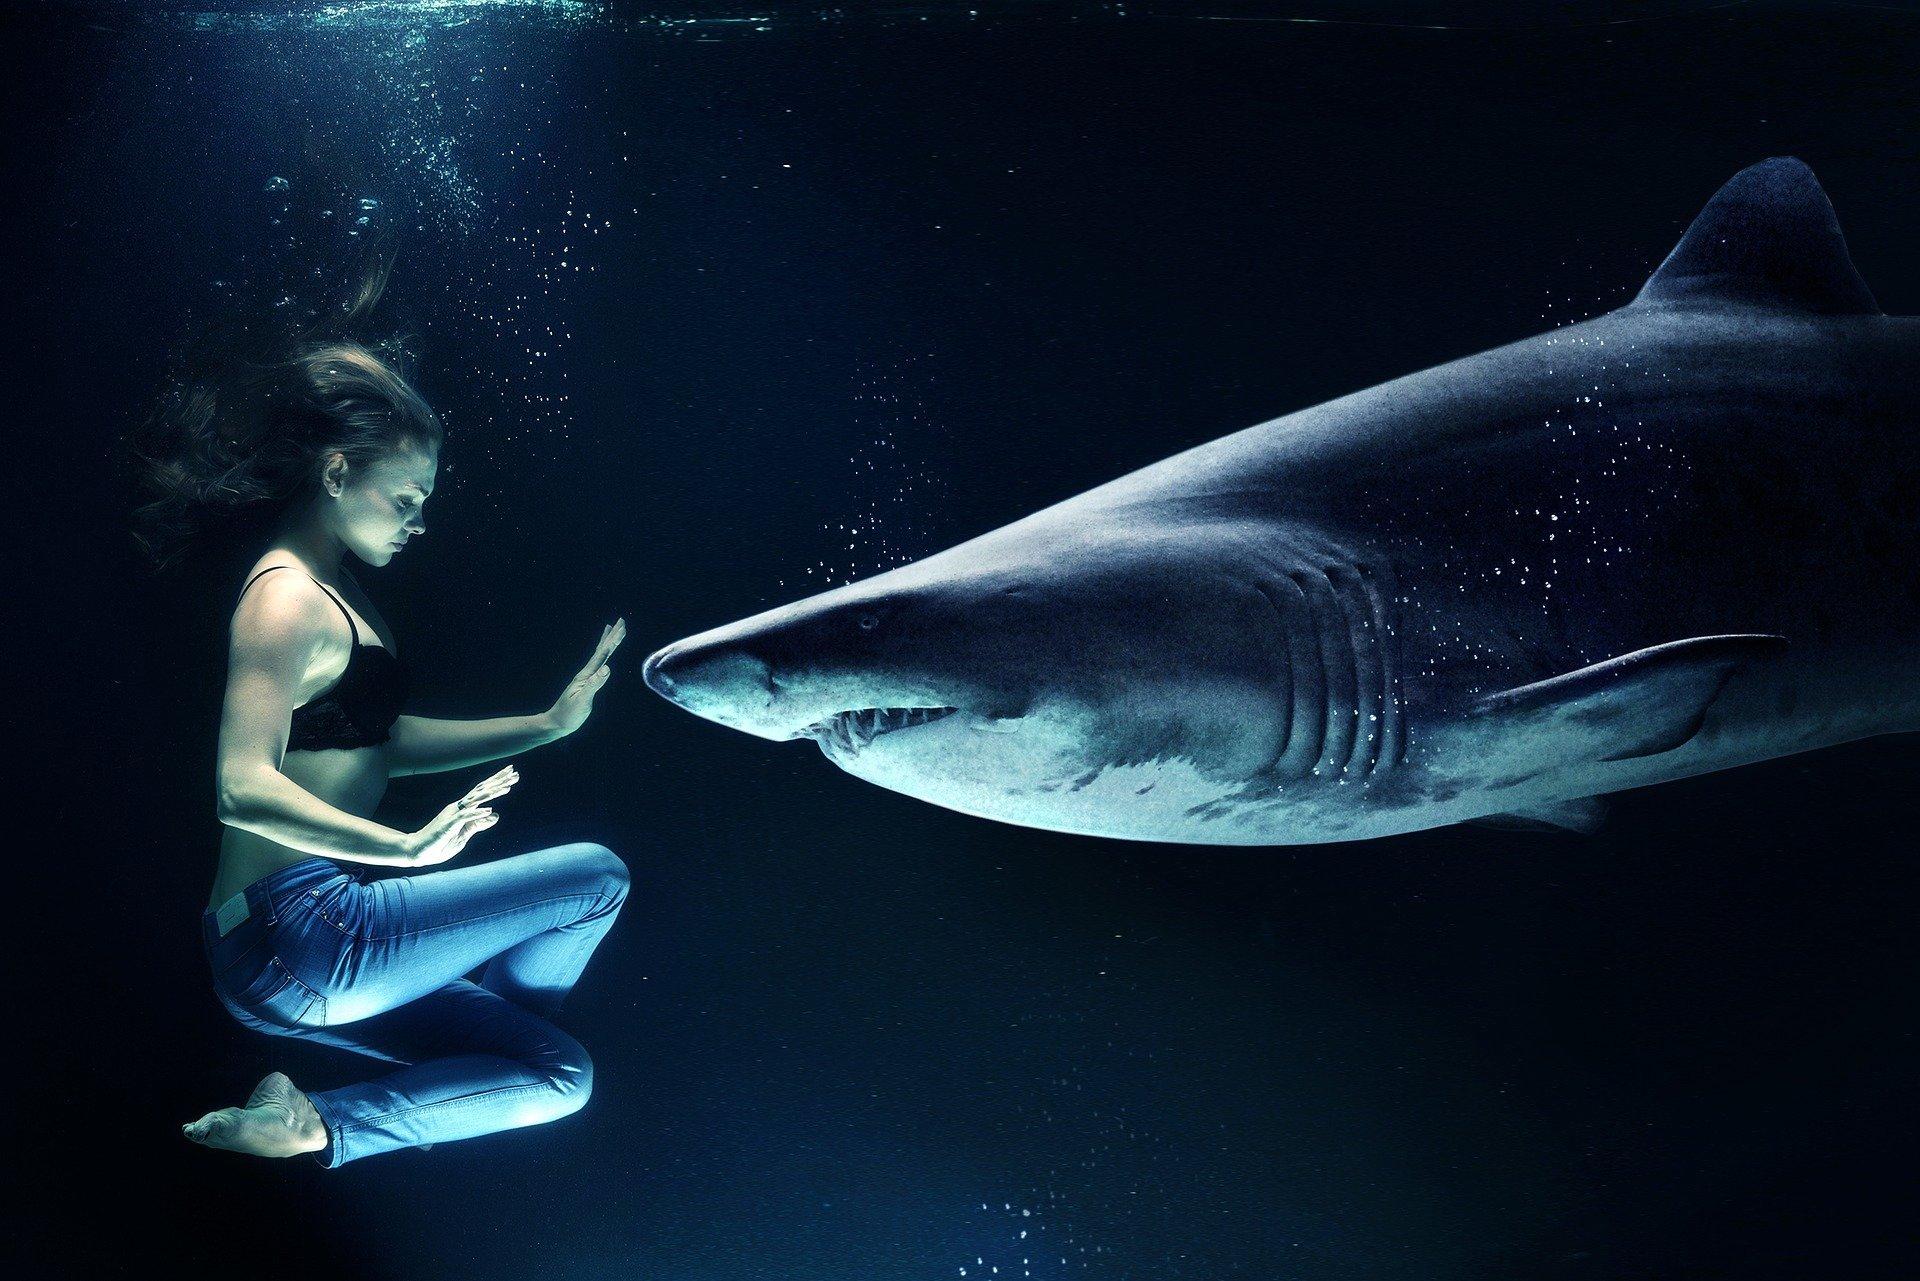 Montaje de mujer bajo el agua delante de tiburón